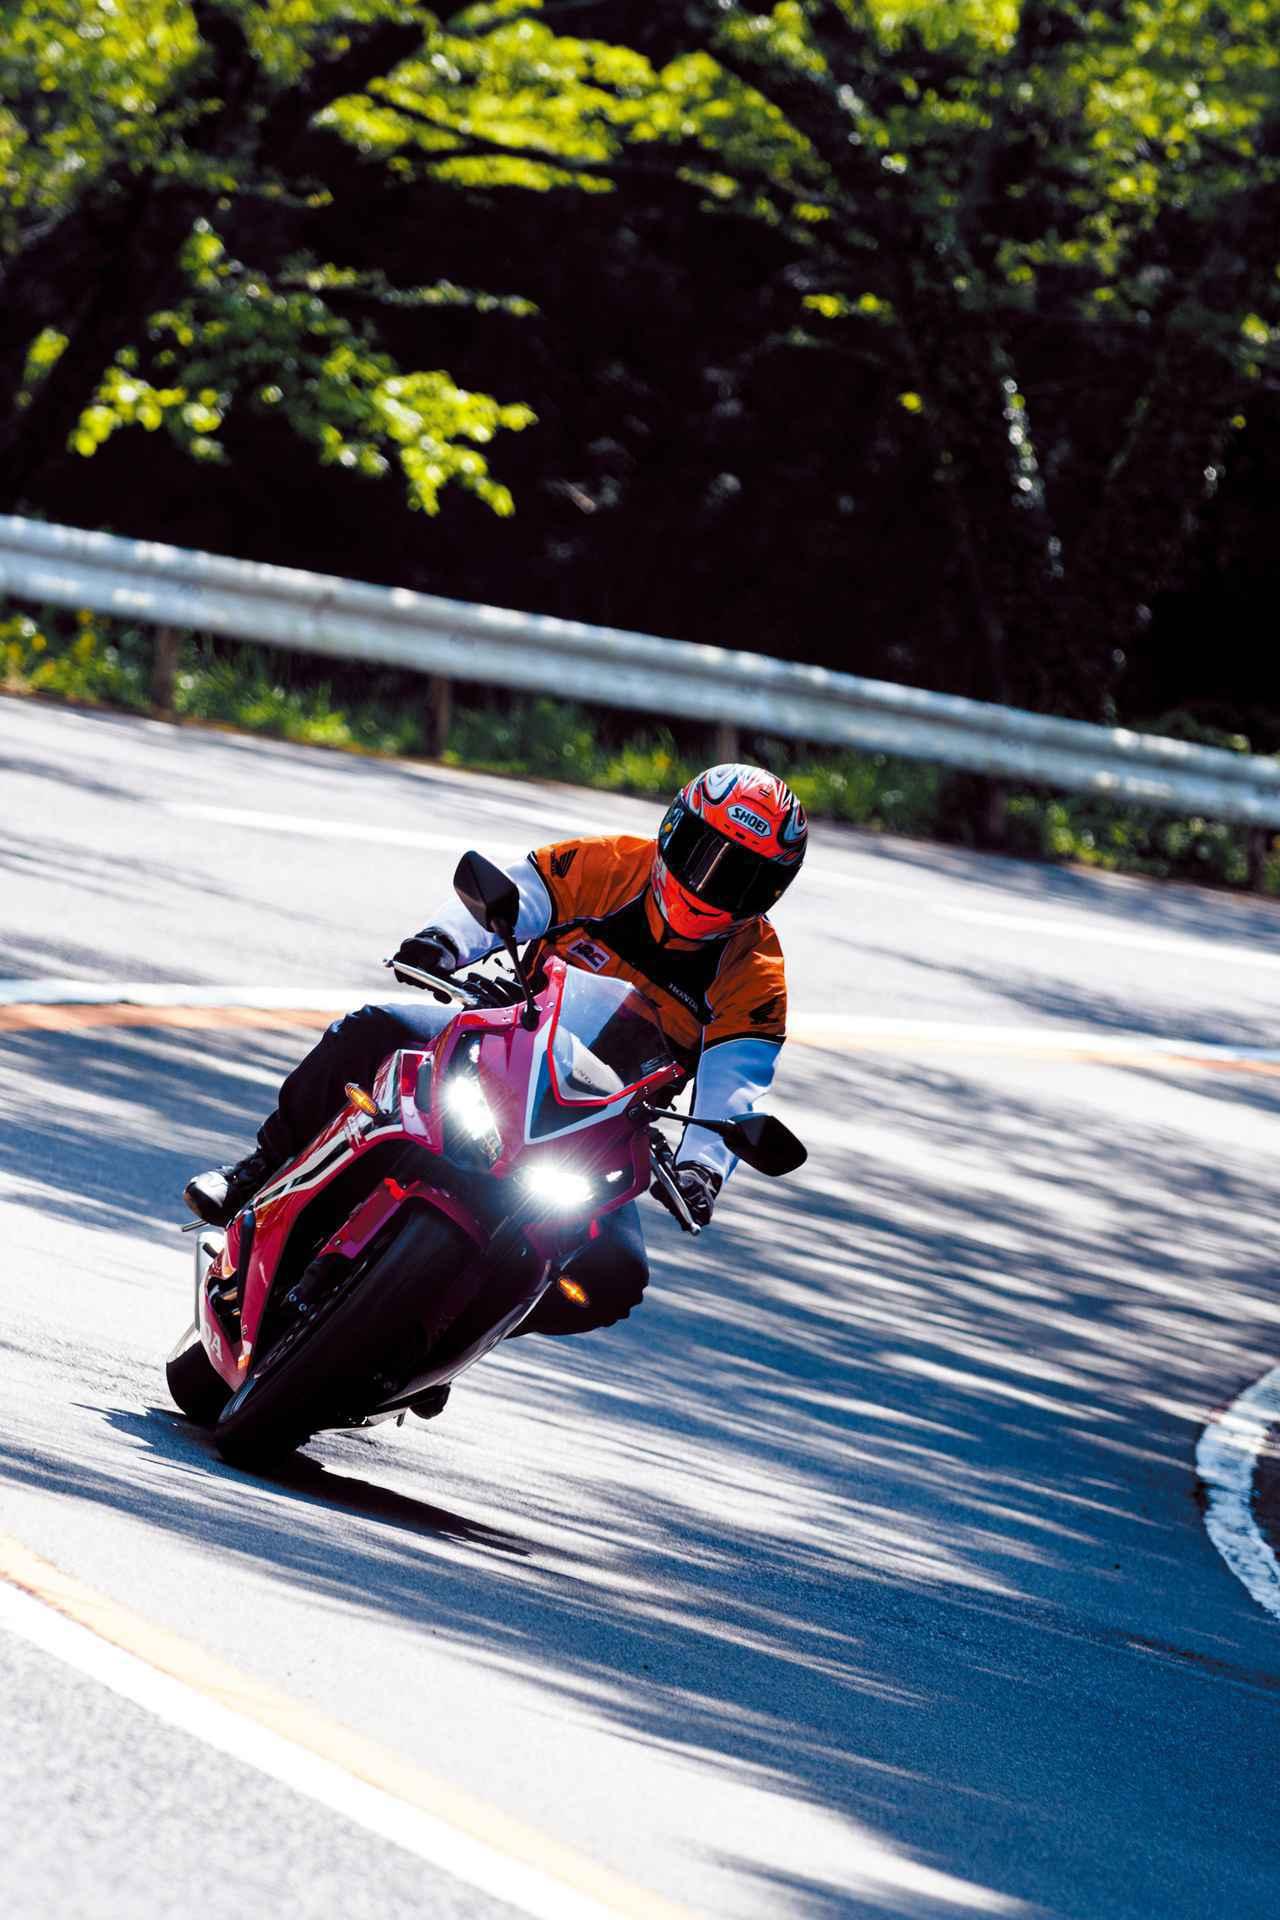 画像1: ホンダ「CBR650R」が公道用スポーツバイクとしてモノすごく優秀なワケとは? 伊藤真一さんが試乗インプレ【ロングラン研究所】 - webオートバイ